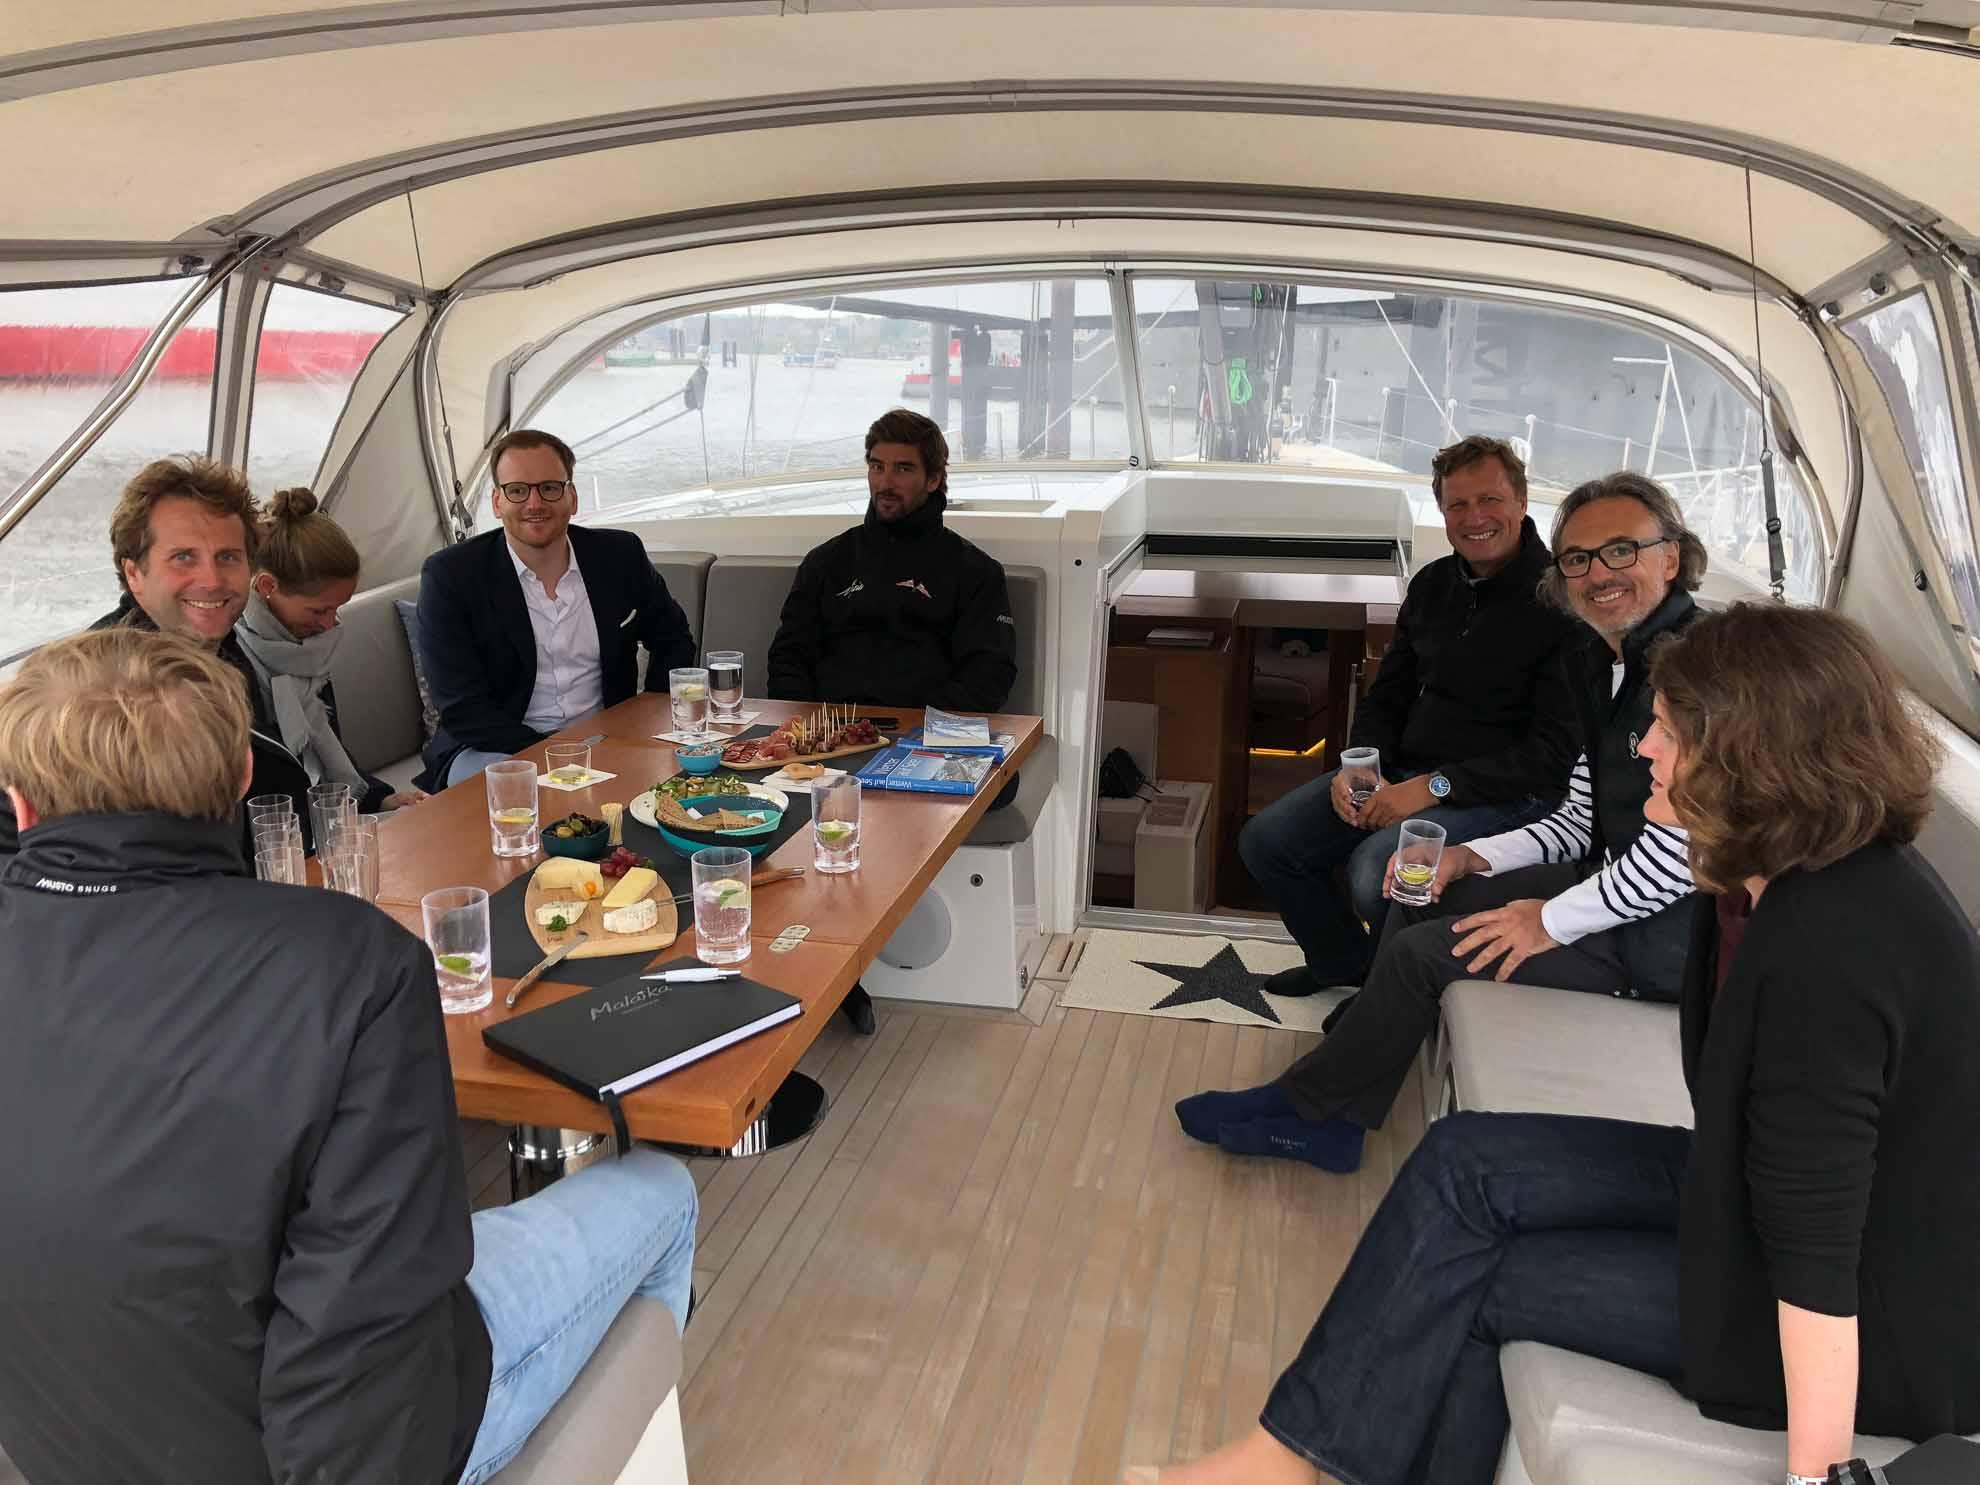 Wir begrüßen weitere Gäste an Bord – Freunde, Bekannte und Segler aus Hamburg.